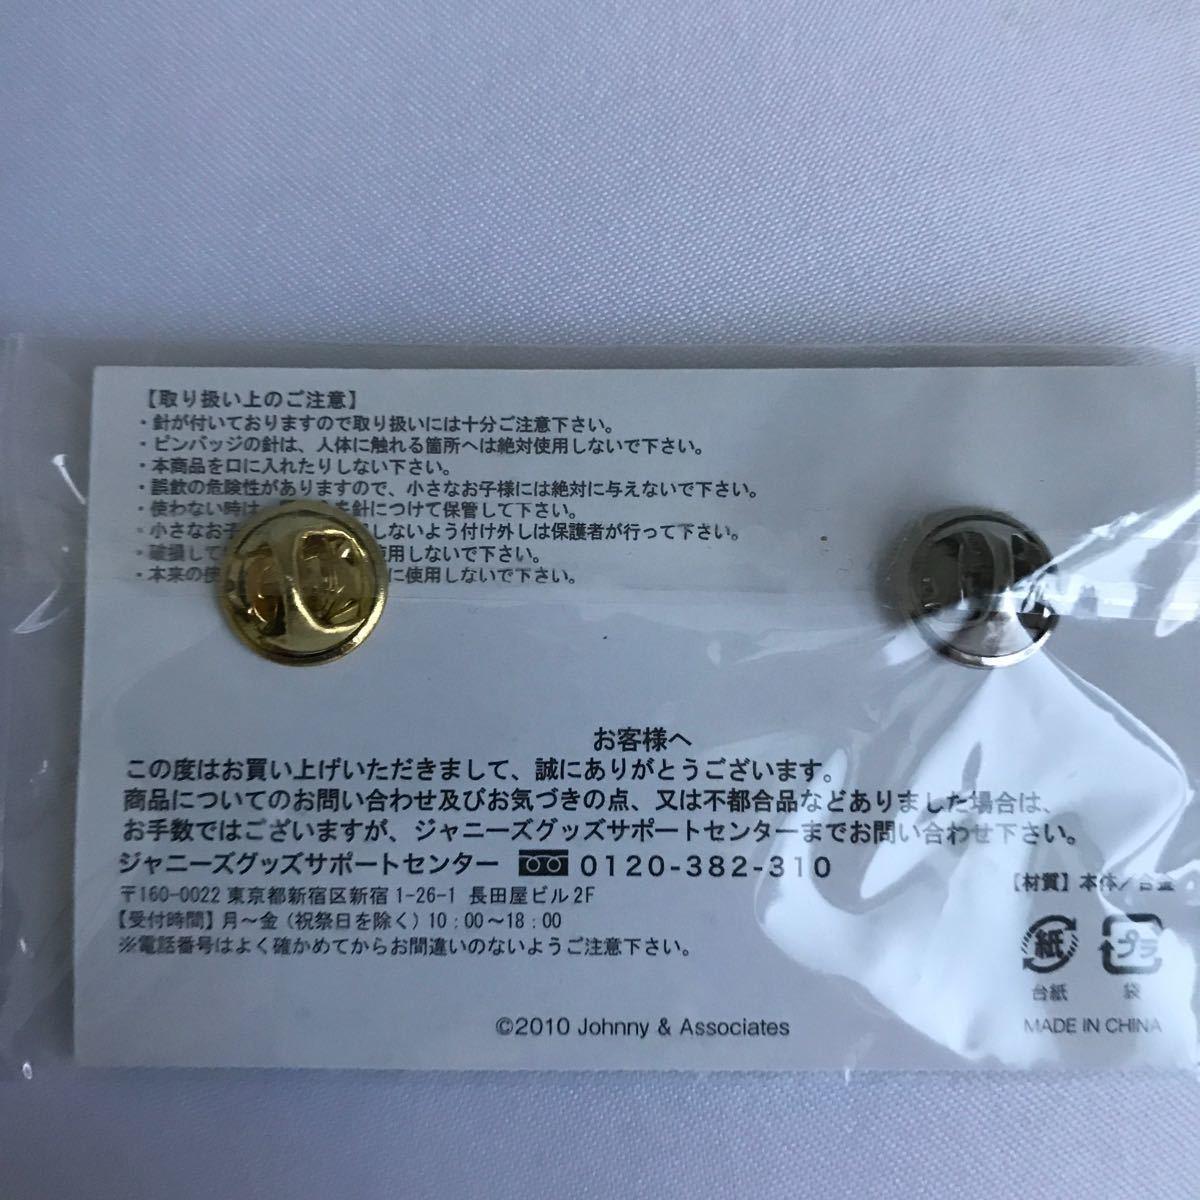 嵐 ライブグッズ ピンバッジ&カイロ